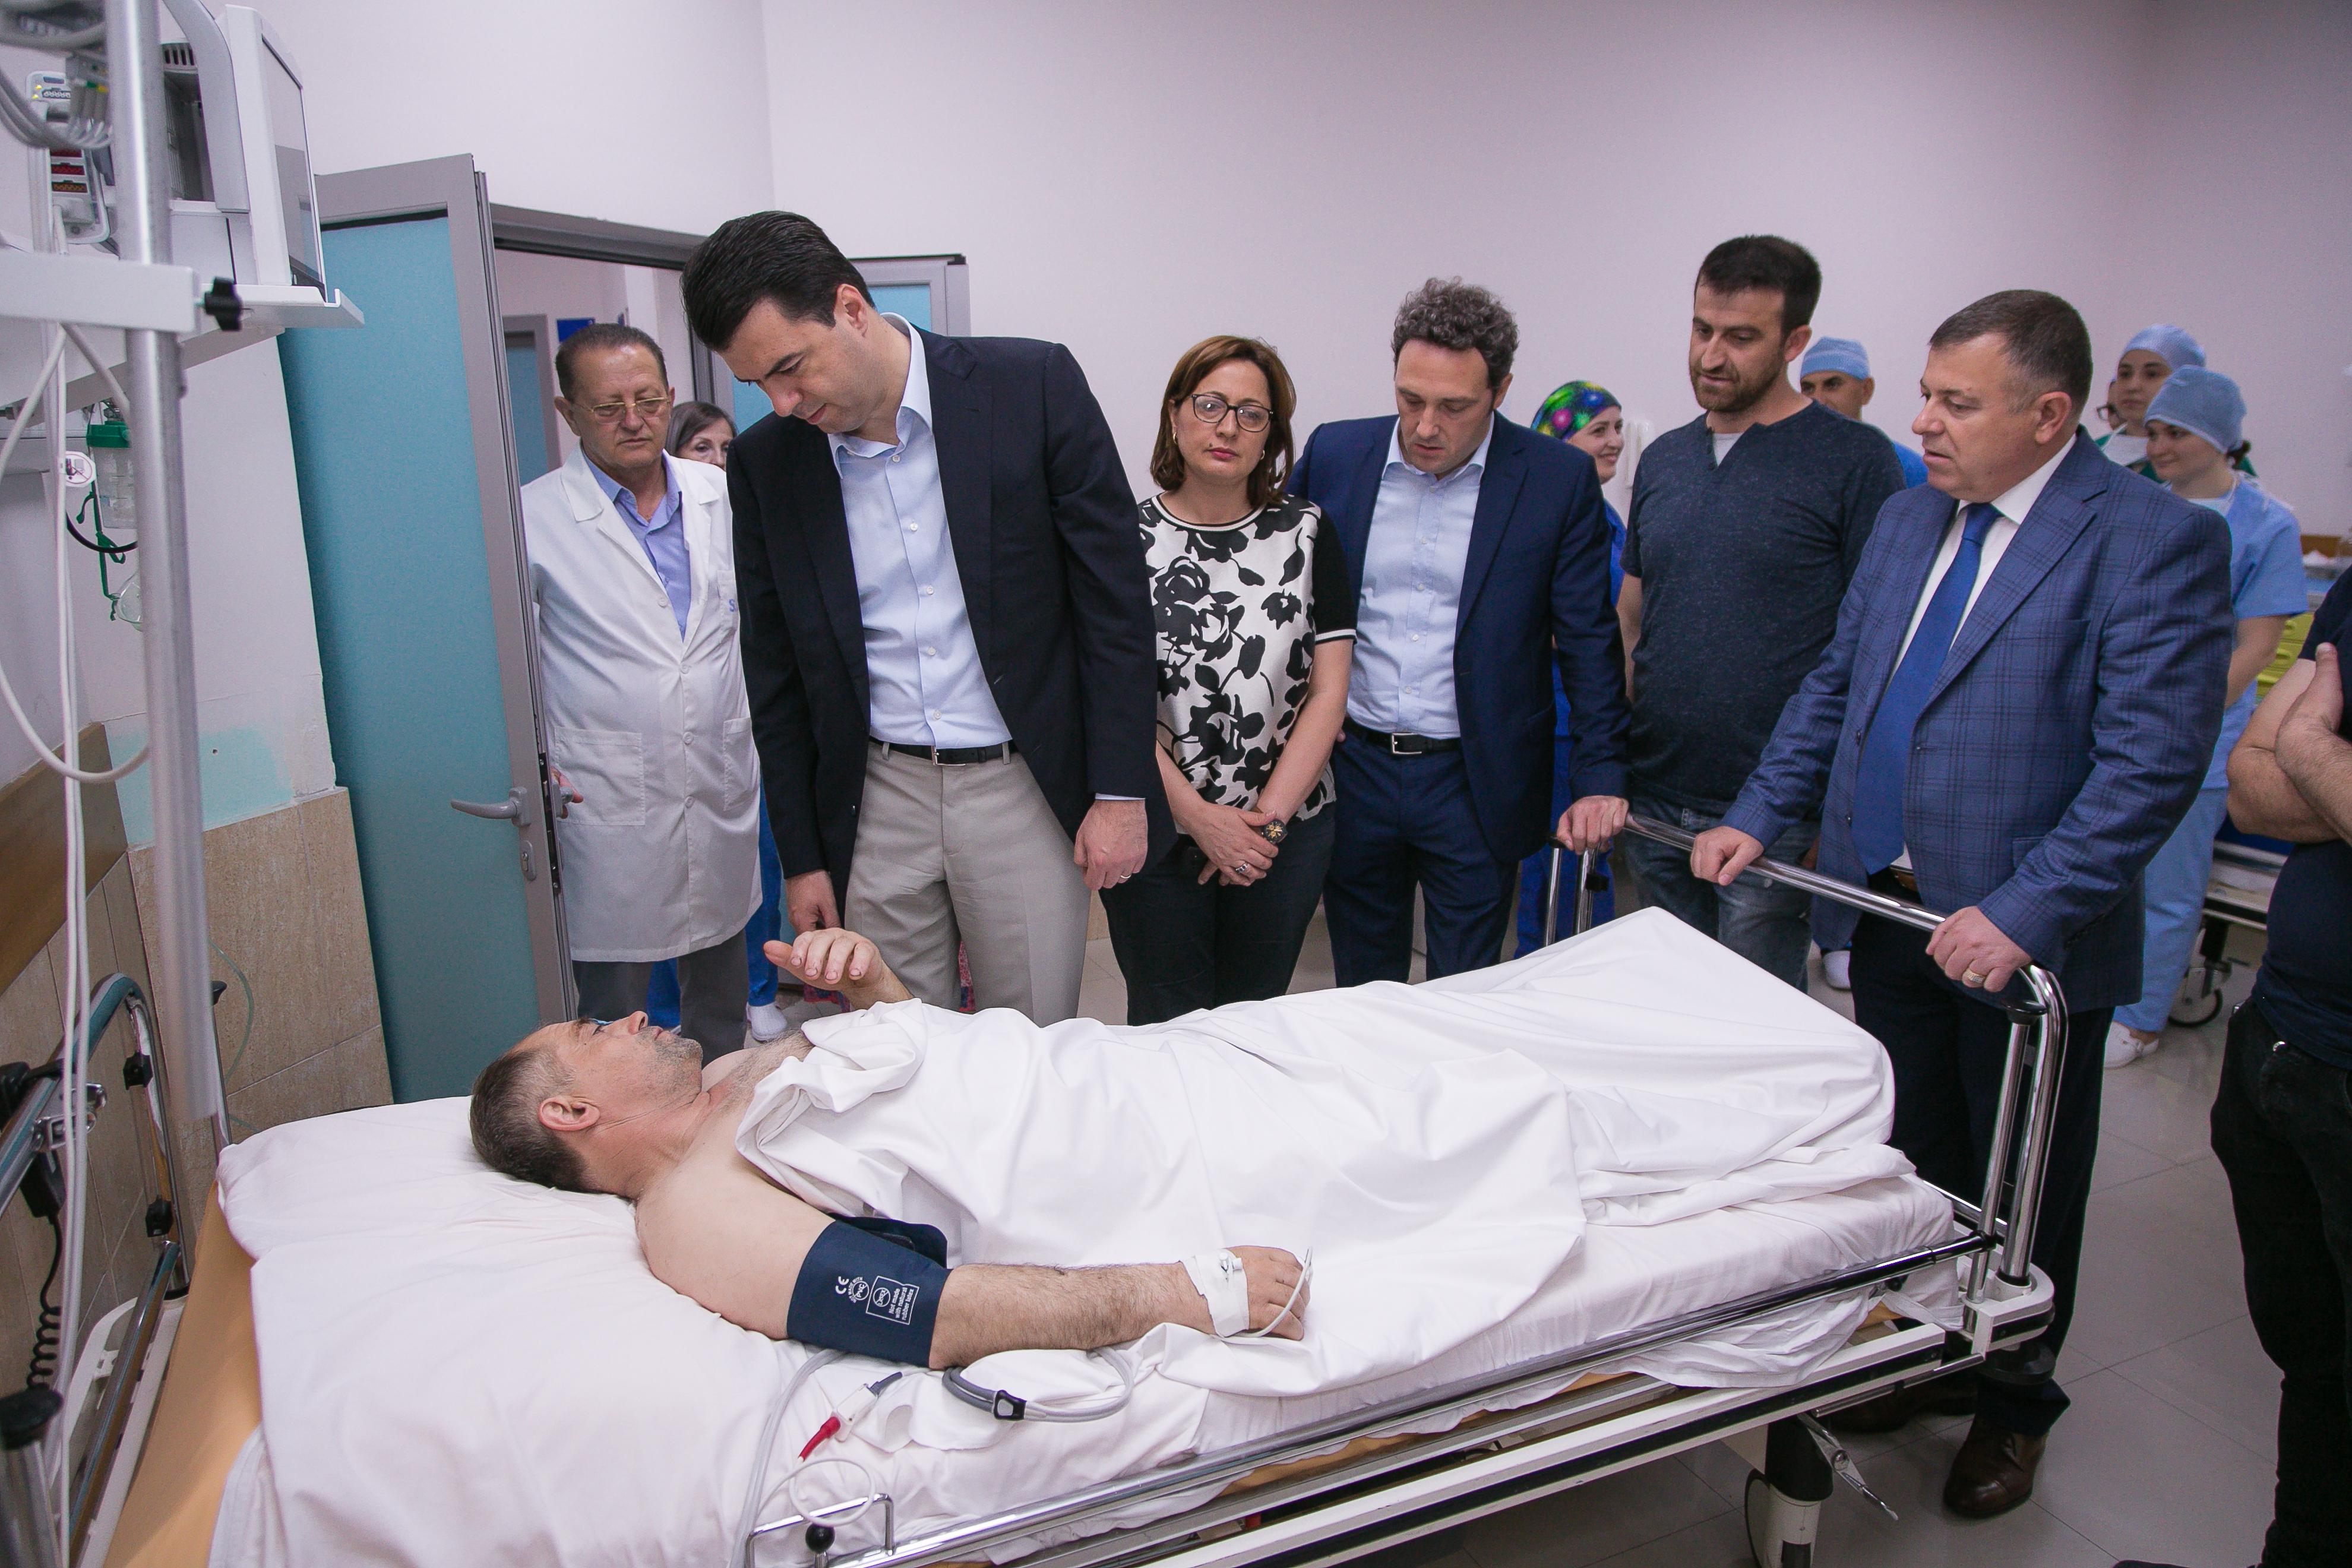 Mafia e kromit, mafia e lojërave të fatit, kanë marrë peng Edi Ramën, Olsi Ramën, Arben Ahmetaj, Damian Gjiknurin, ashtu si krimi i organizuar ka marrë peng Ministrinë e Brendshme